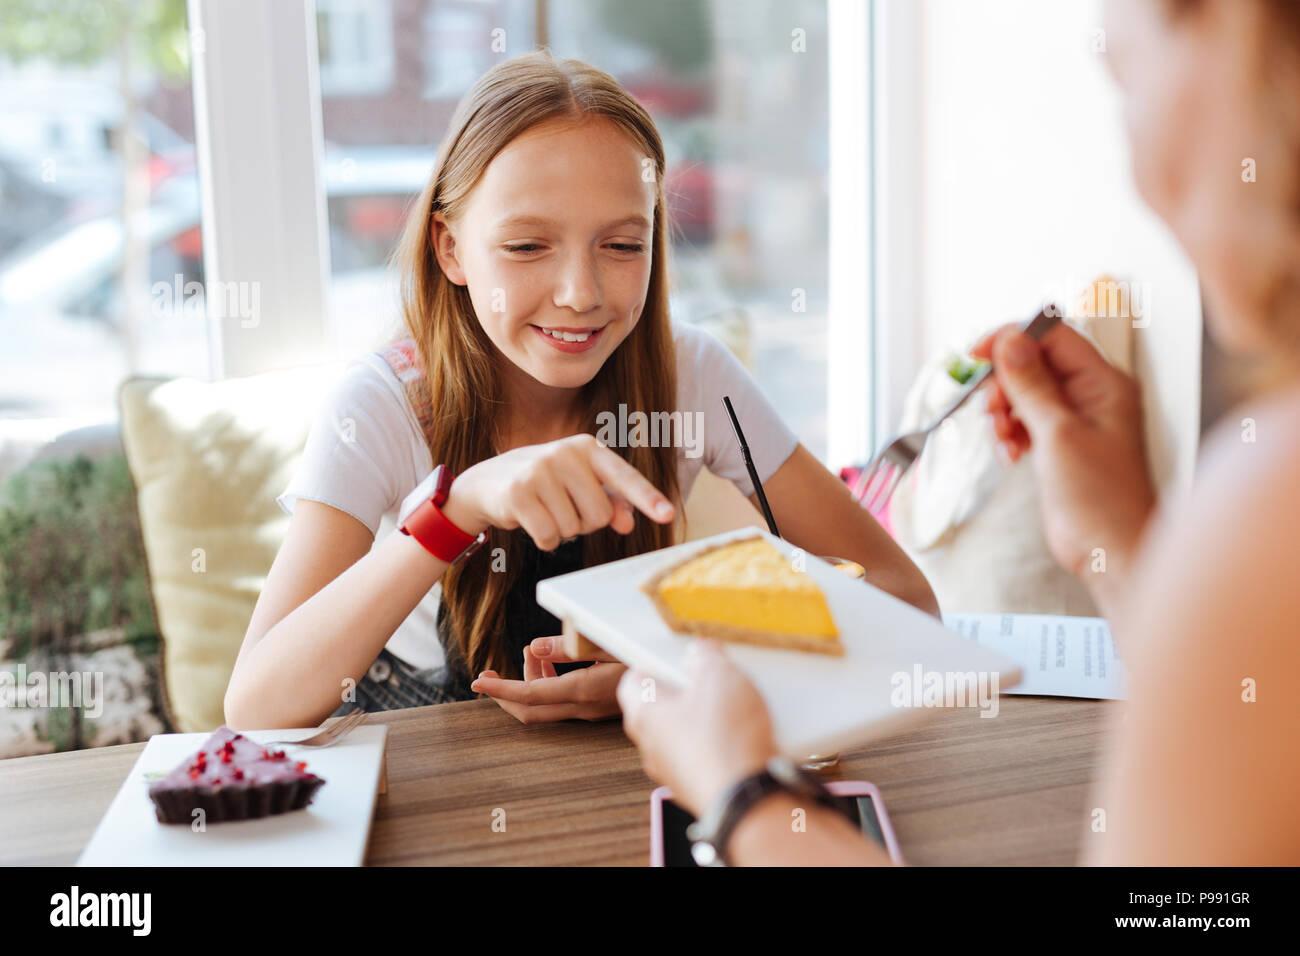 Sorridente adolescente cercando cheesecake con sua madre Immagini Stock